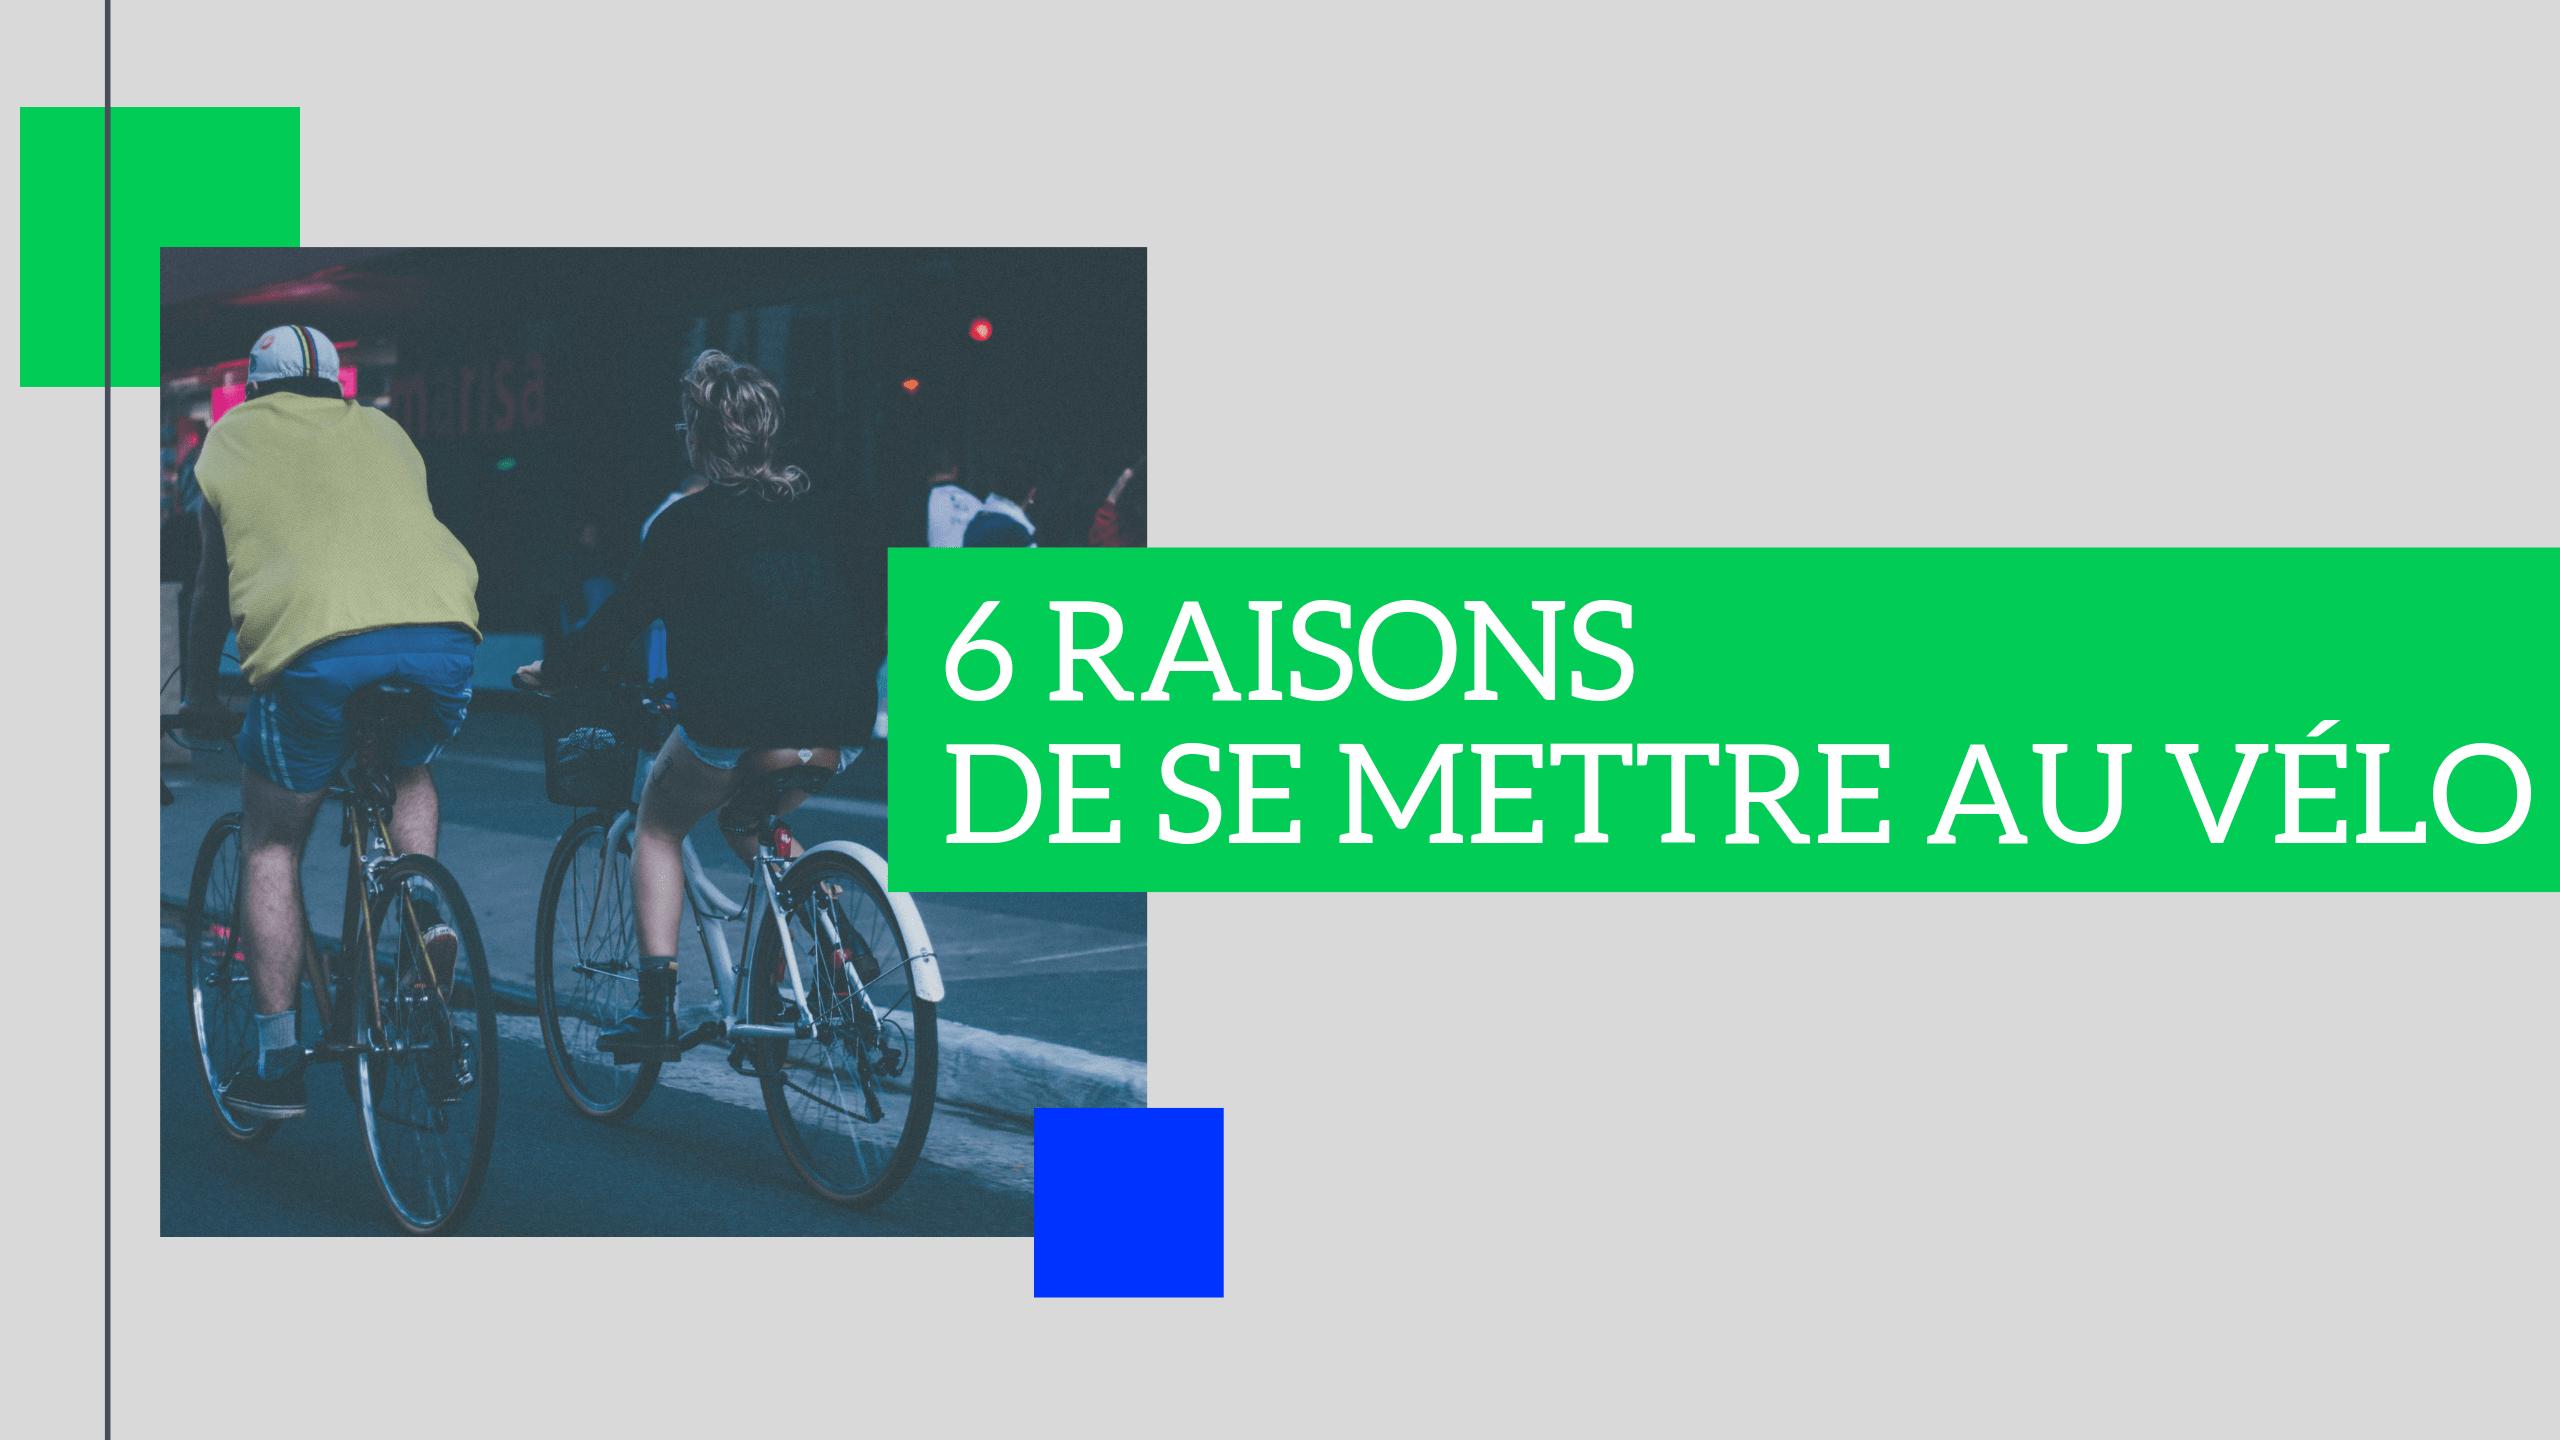 6 raisons de se mettre au vélo